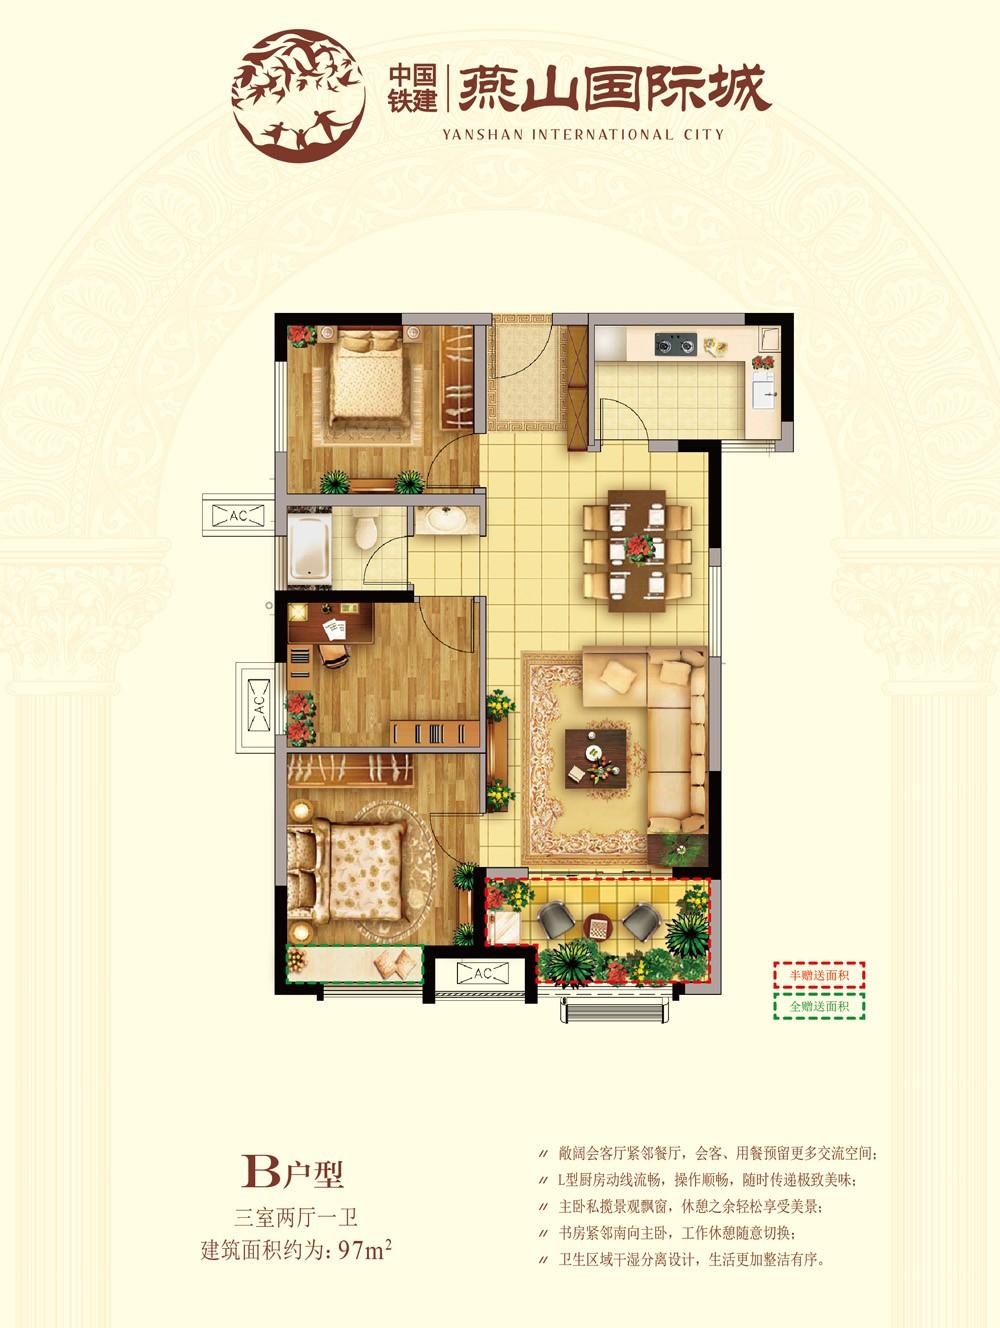 中国铁建·燕山国际城_3室2厅1卫1厨